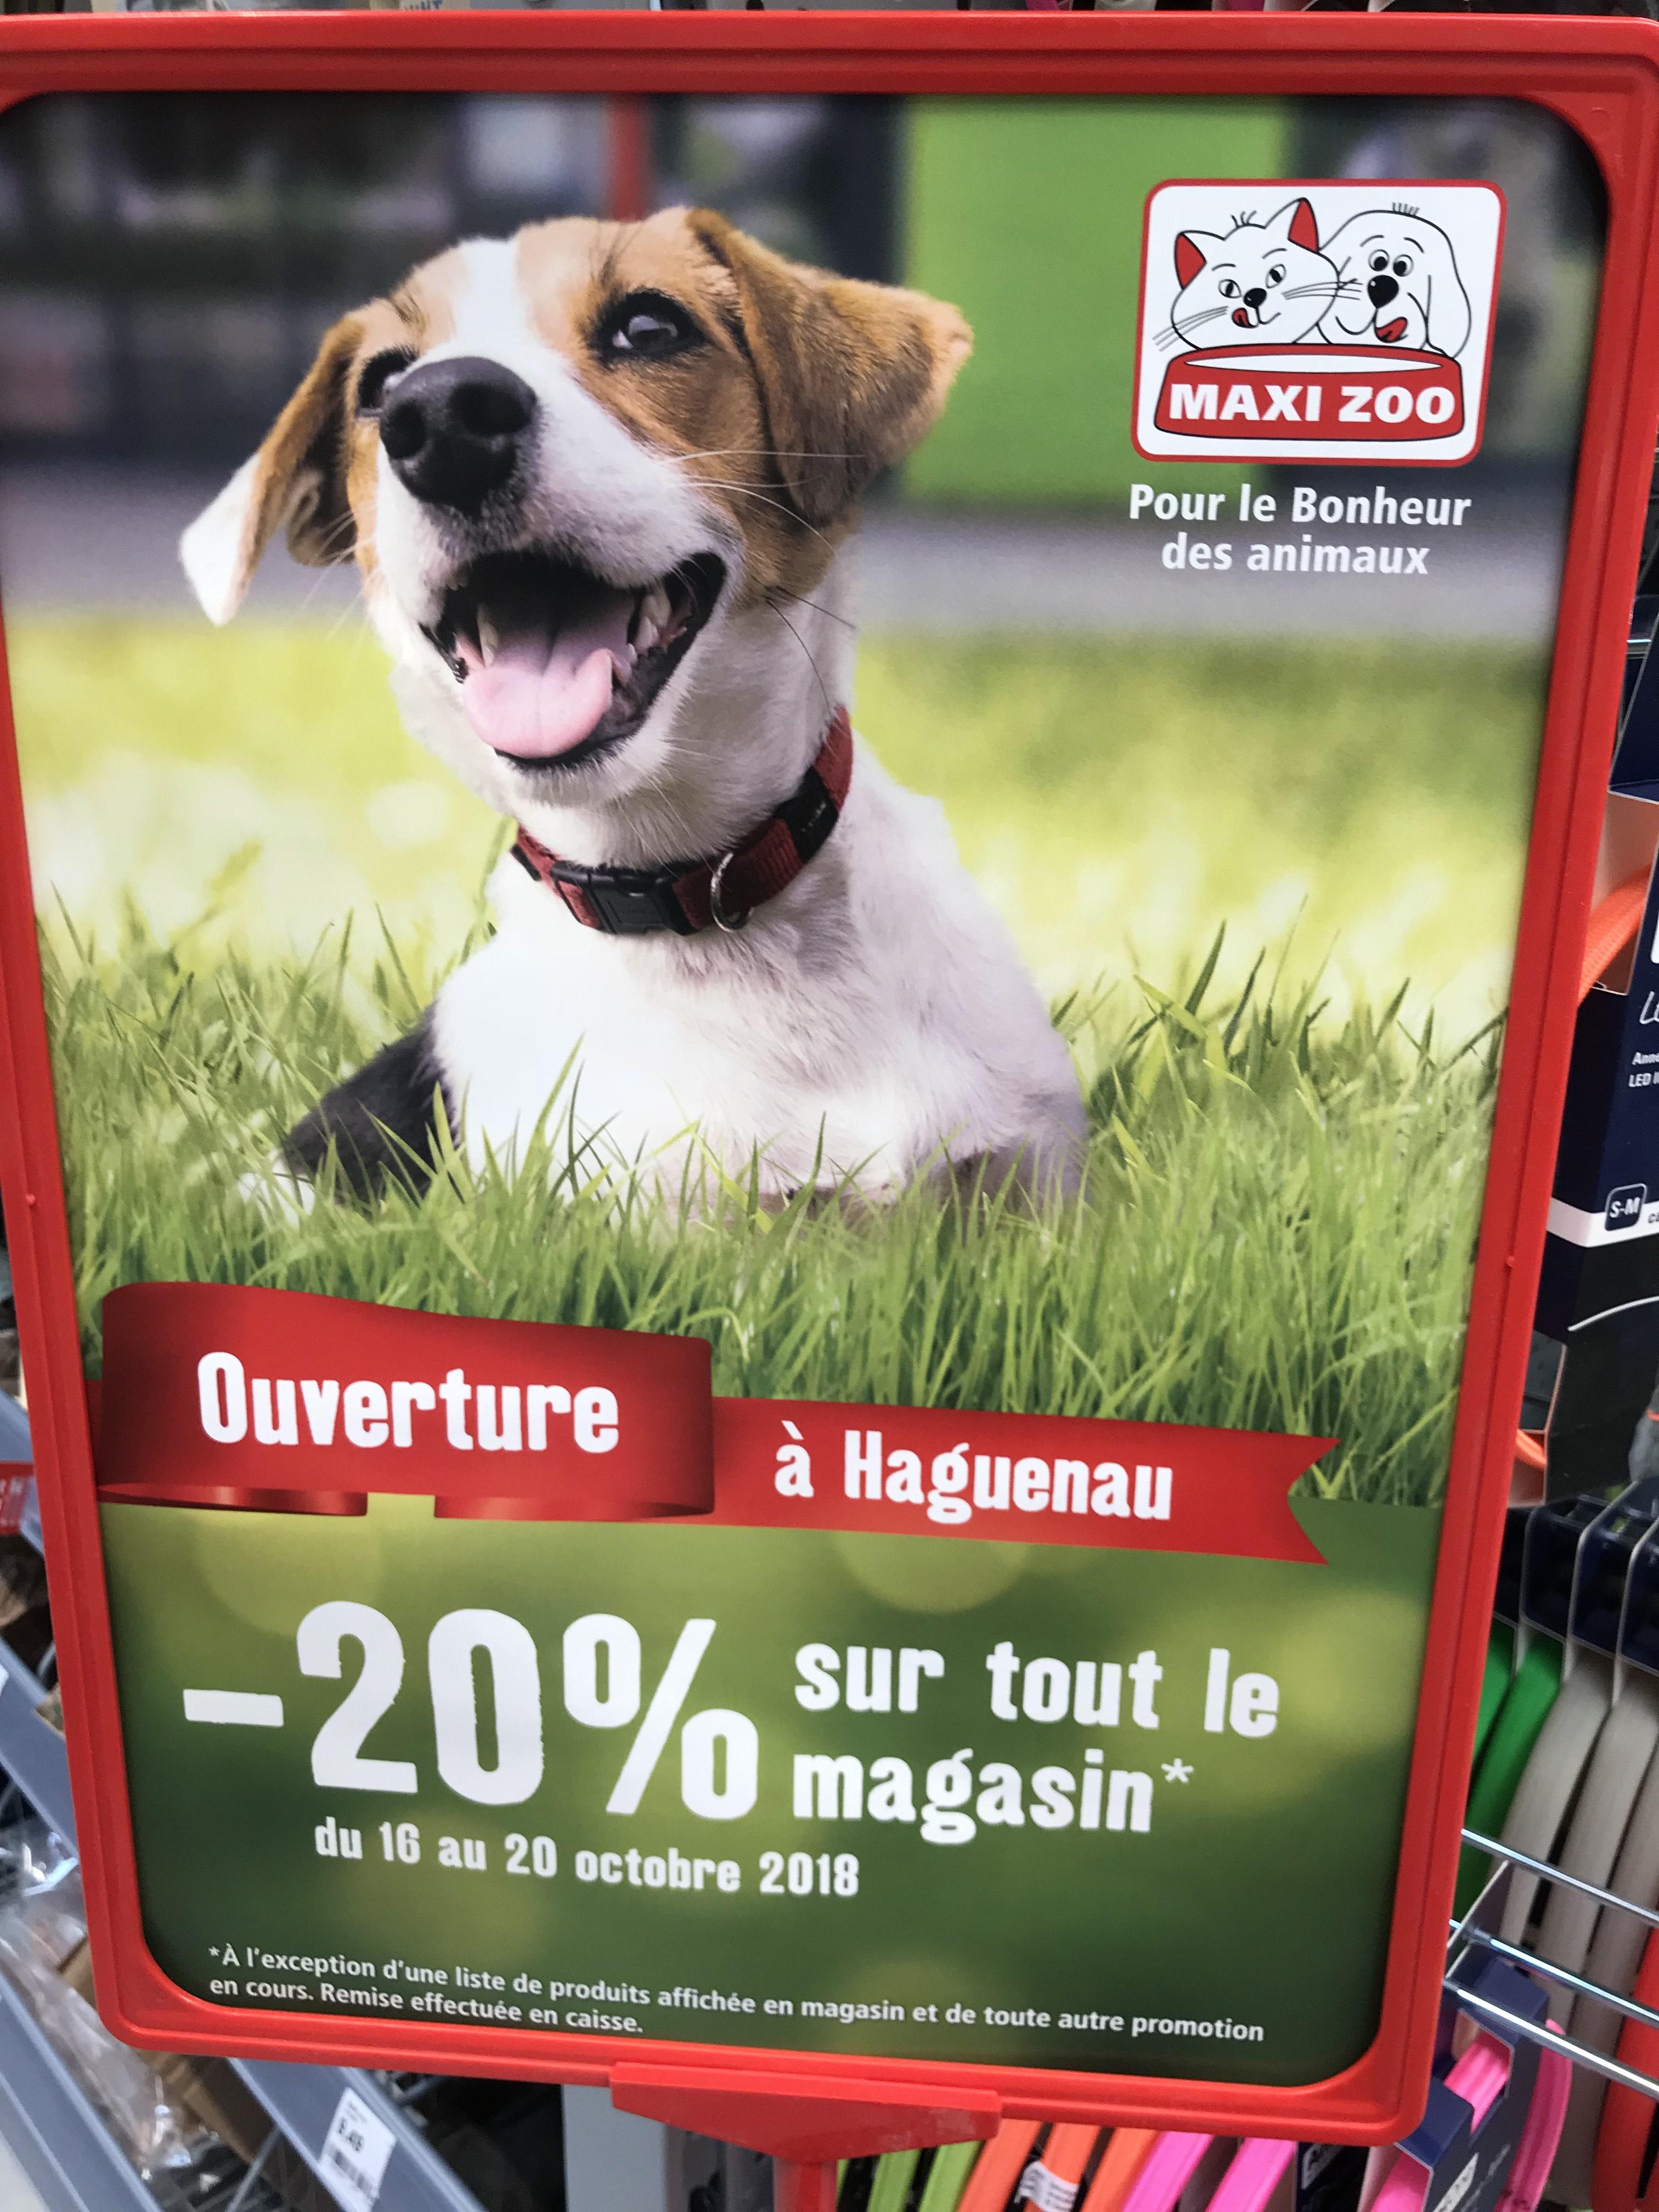 20% de réduction sur l'ensemble du magasin (hors exceptions) - Haguenau (67)